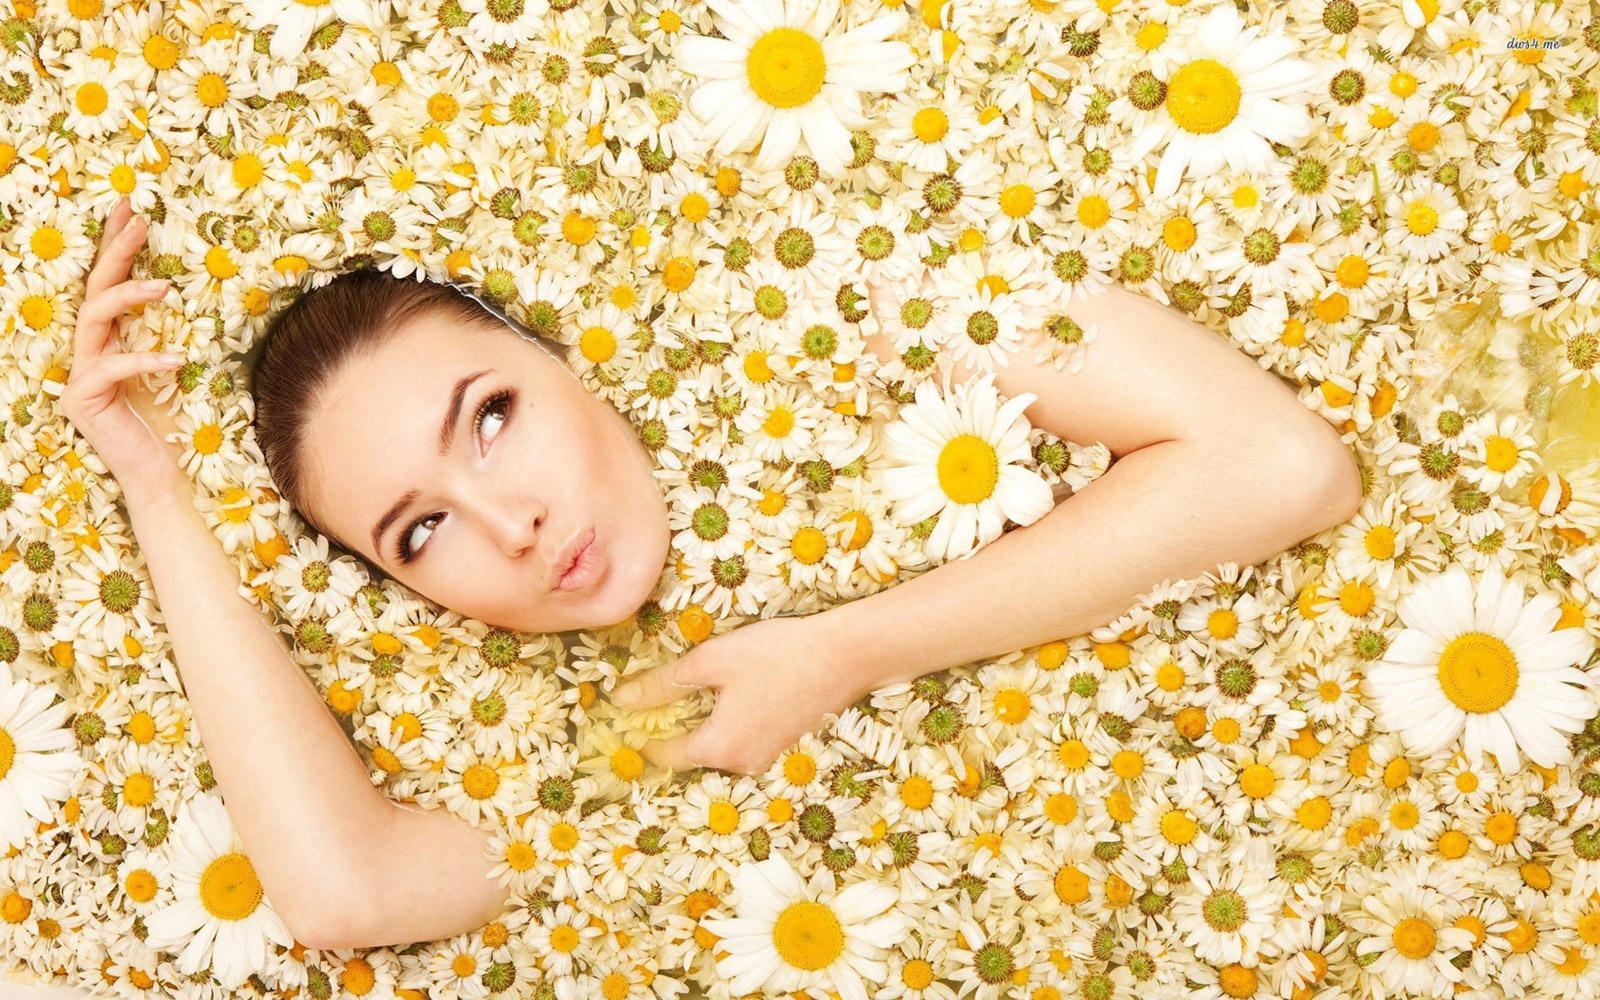 daisy-girl-1